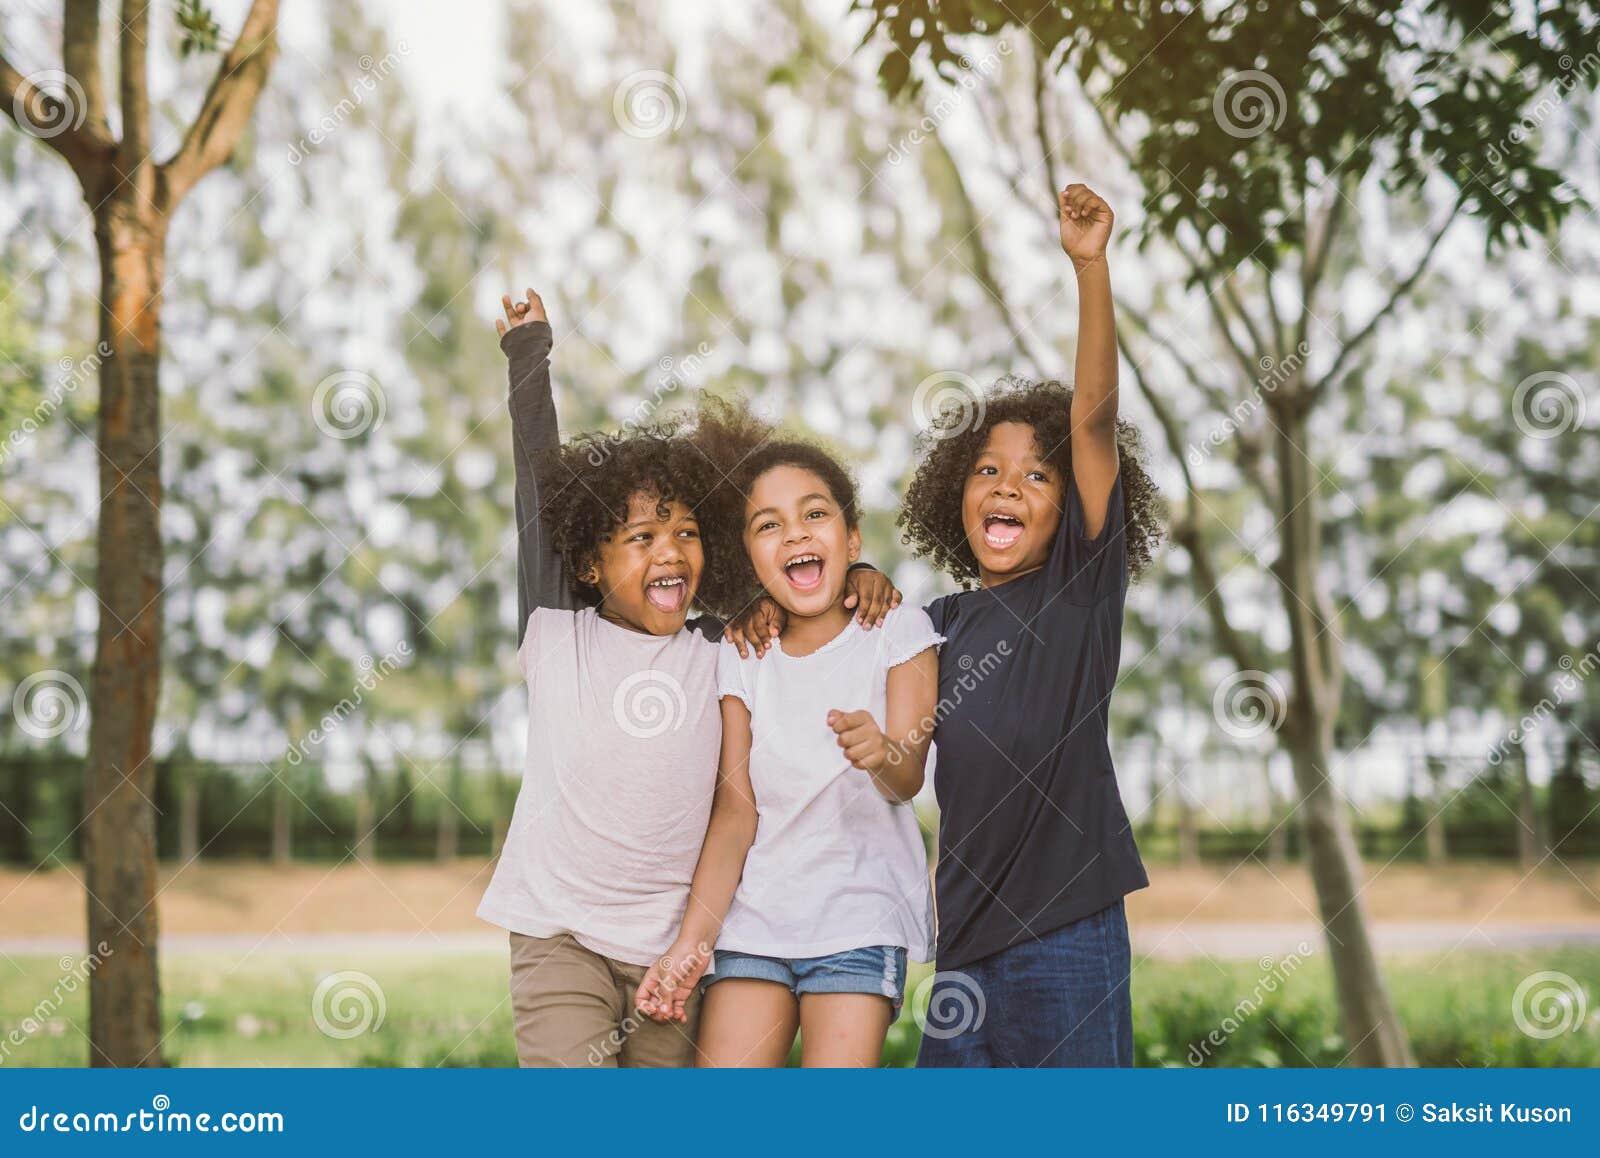 Glückliche Gesichtskinderkinder froh nett und Lachen